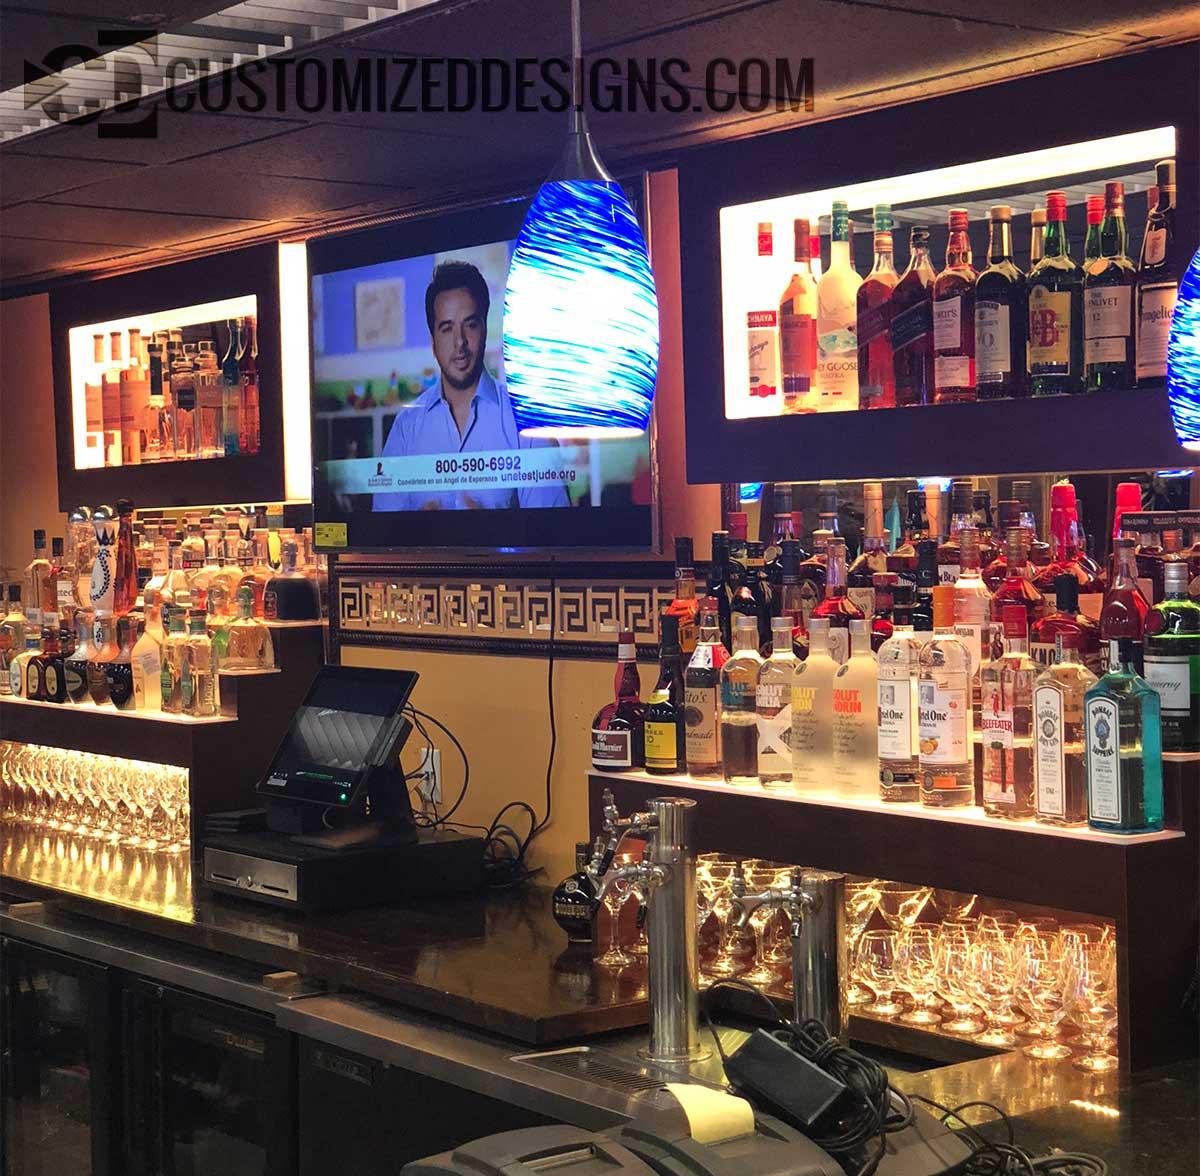 Restaurant Back Bar Display  Bar  Nightclub  Products  Ideas